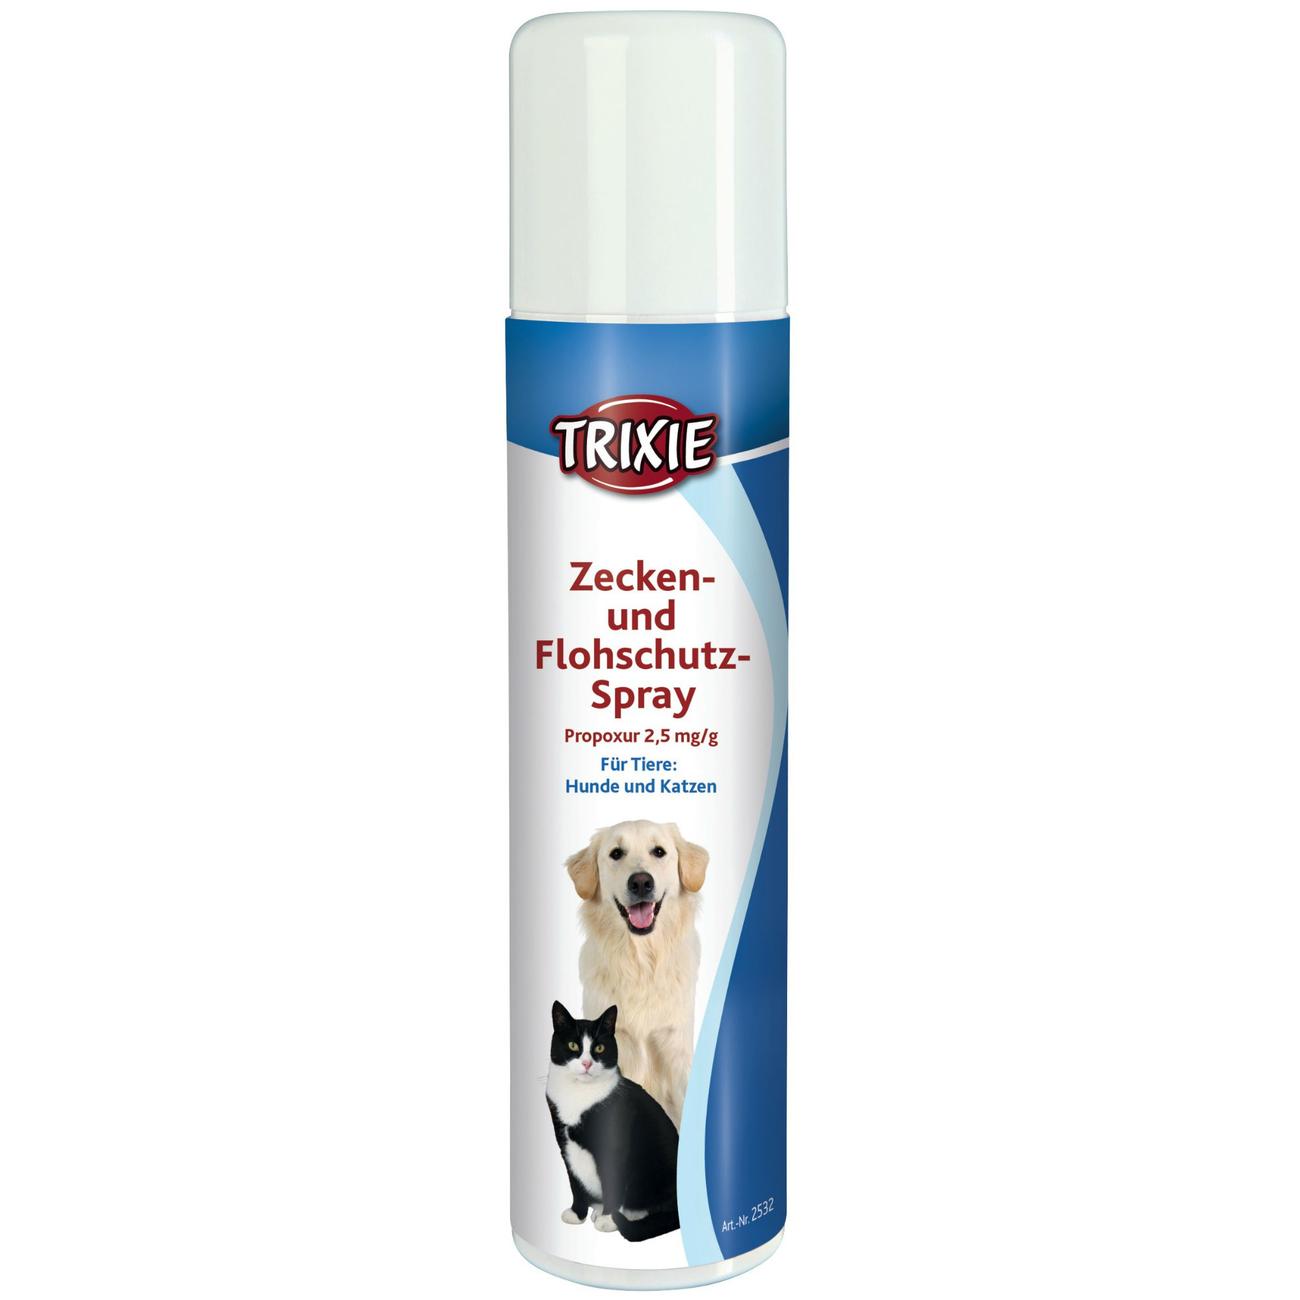 Trixie Flohschutz-Spray für Hunde und Katzen 2532